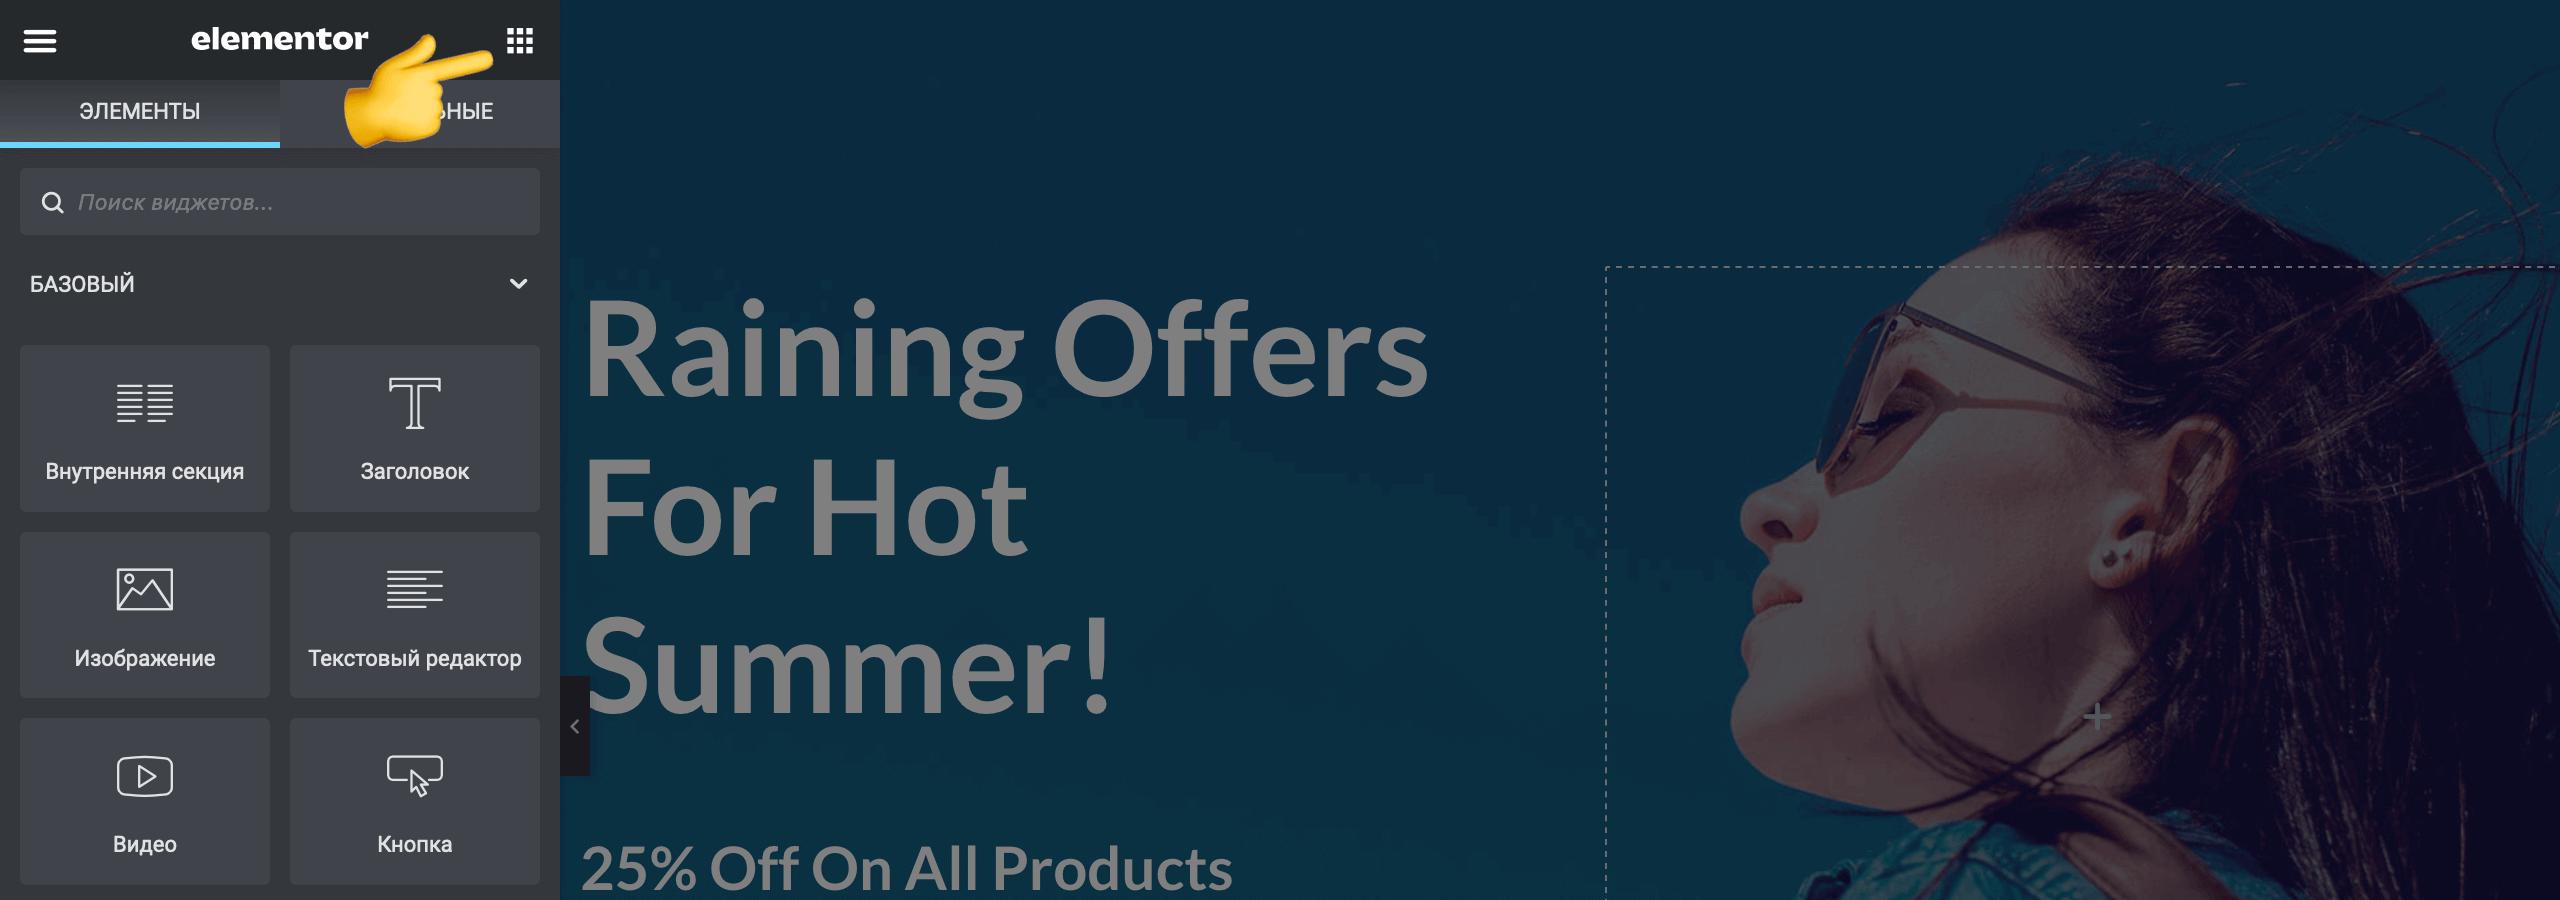 WooCommerce интернет-магазин: кнопка справа вверху в боковой панели Elementor